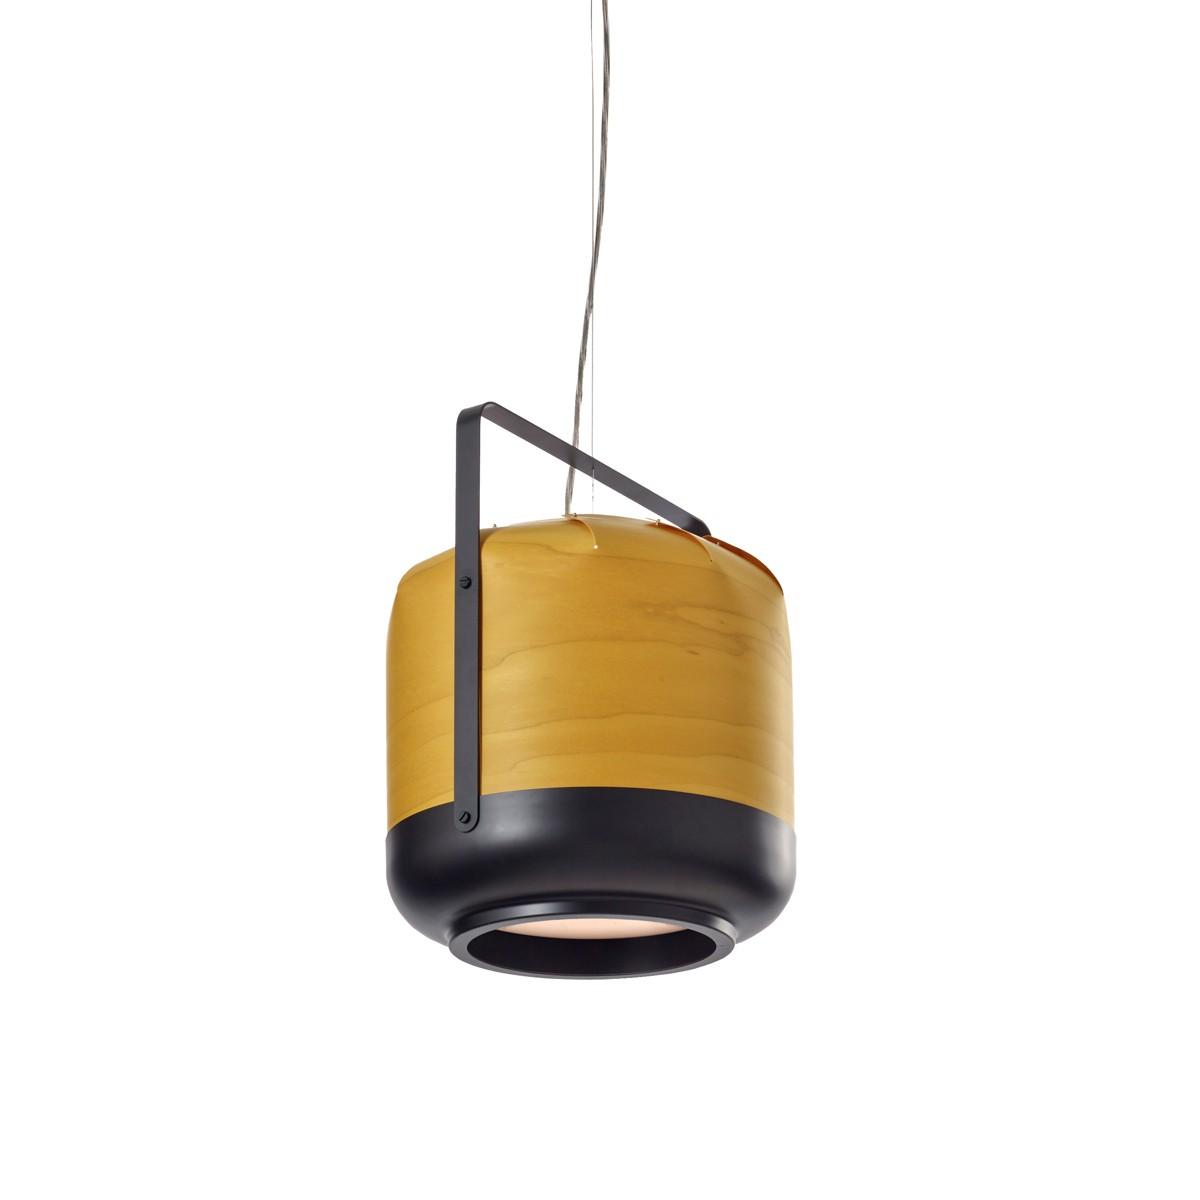 LZF Lamps Chou Short Pendelleuchte, gelb